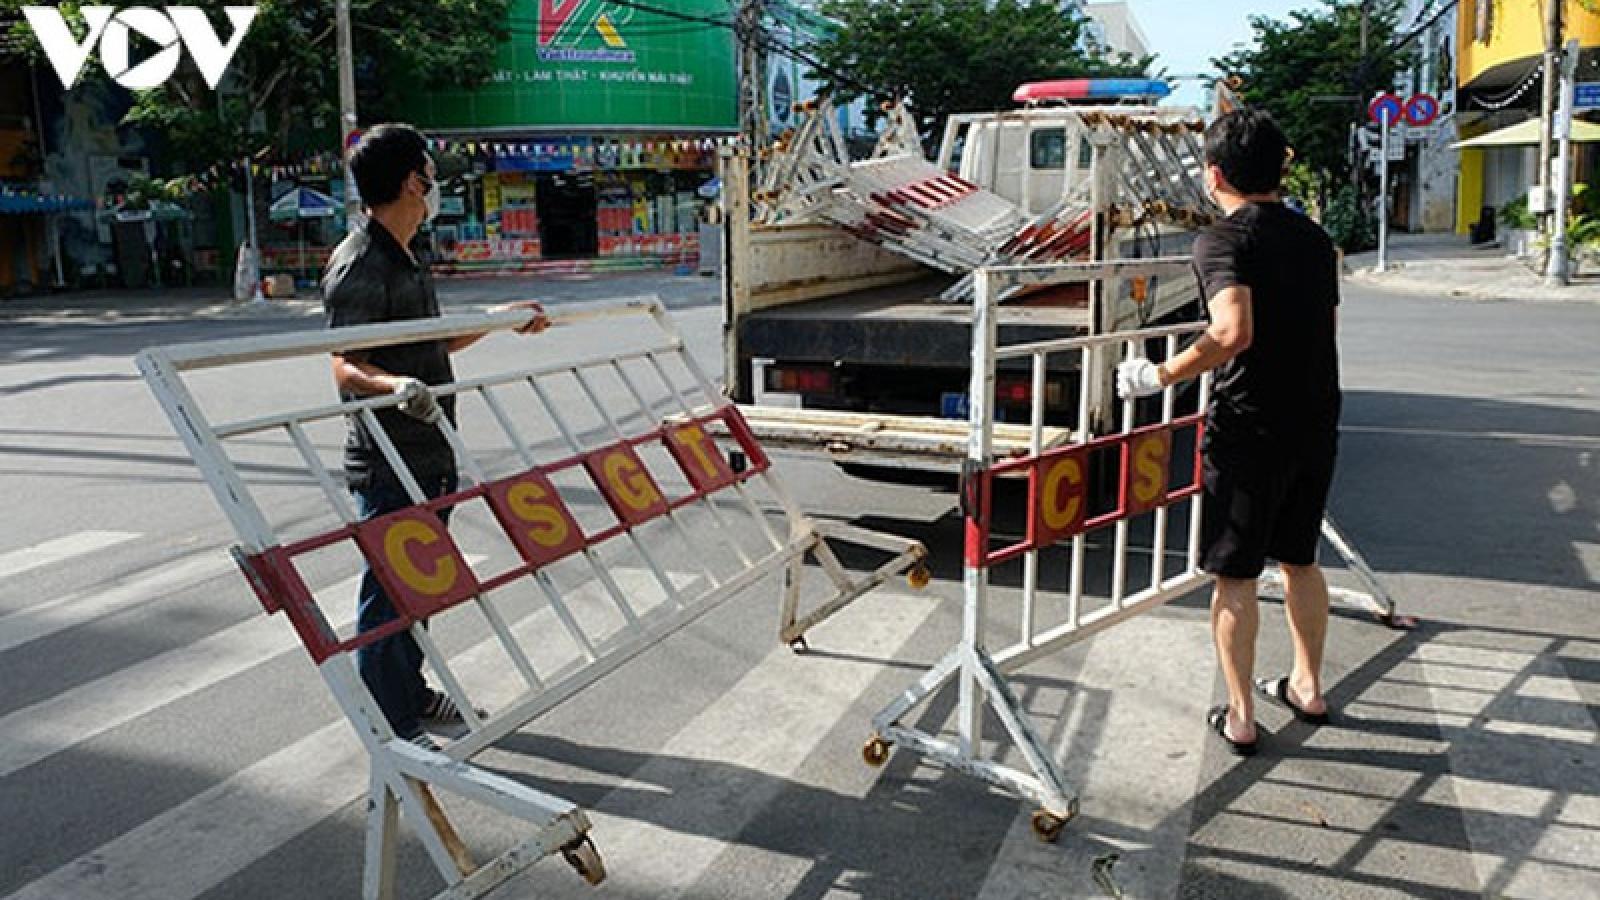 Đà Nẵng tiếp tục thực hiện giãn cách xã hội theo Chỉ thị 16